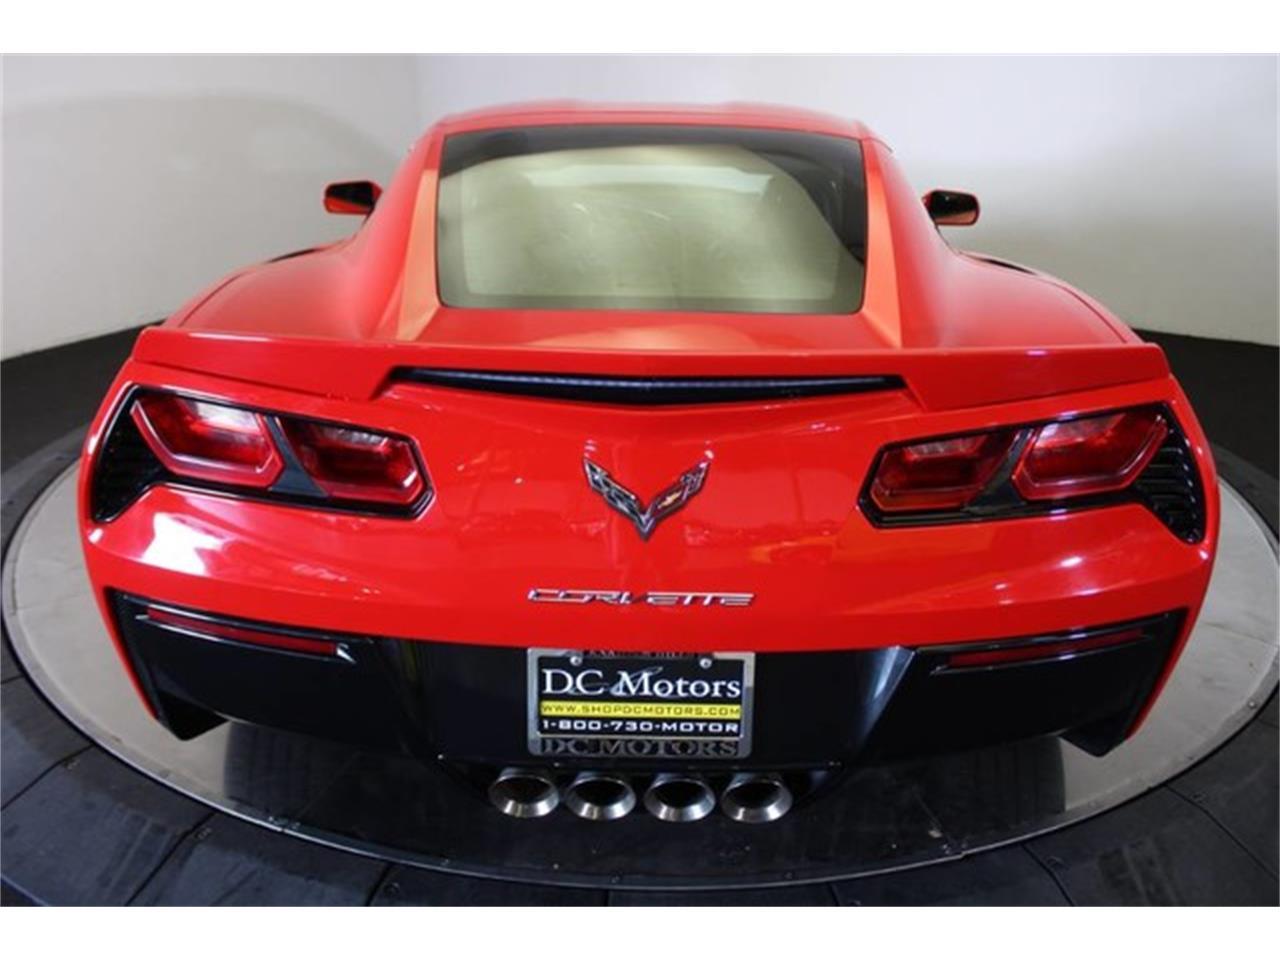 2018 Chevrolet Corvette (CC-1296070) for sale in Anaheim, California